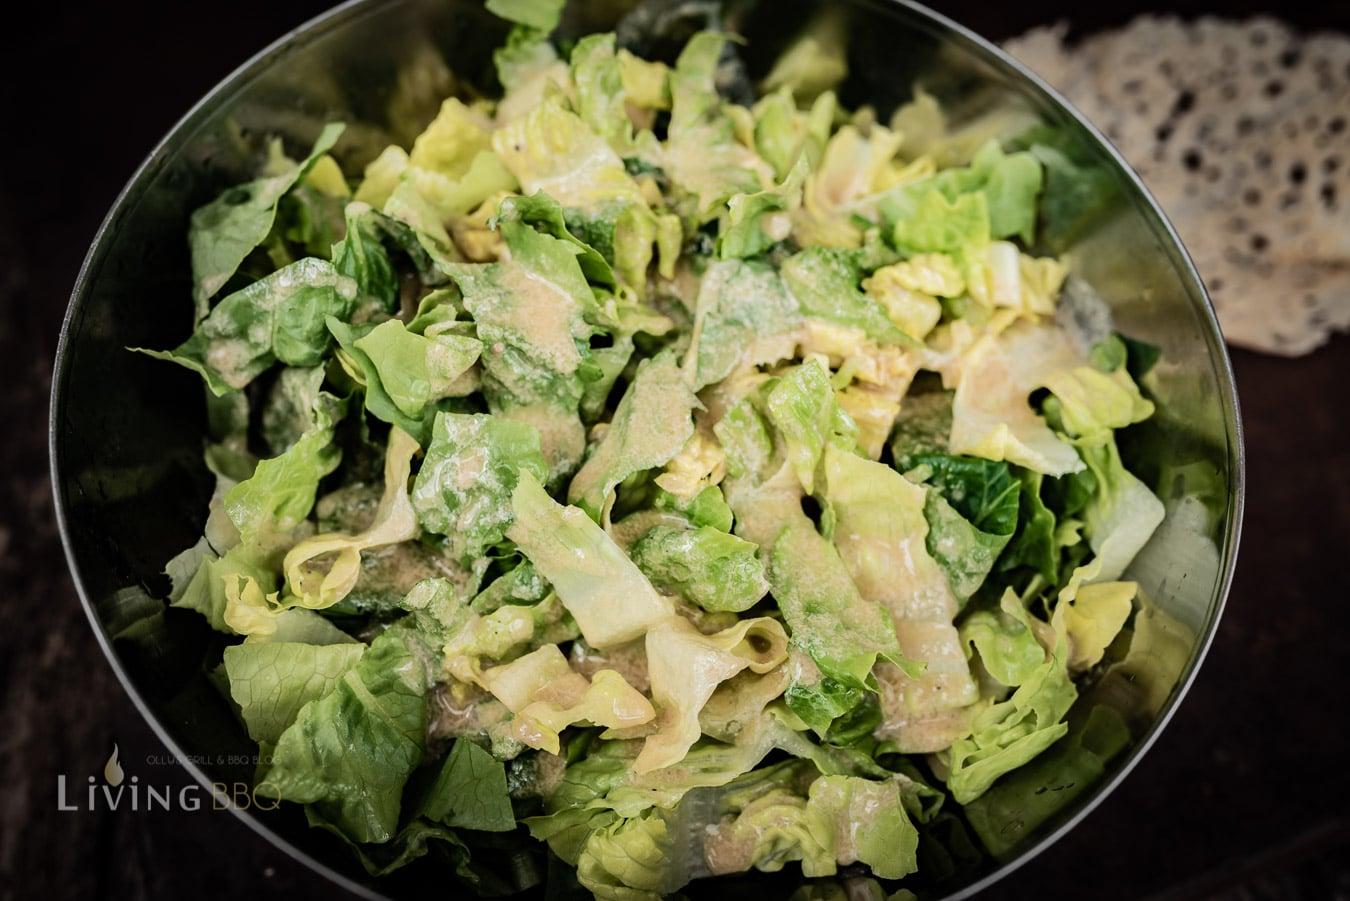 Romana Salat mit dem Dressing vermischen